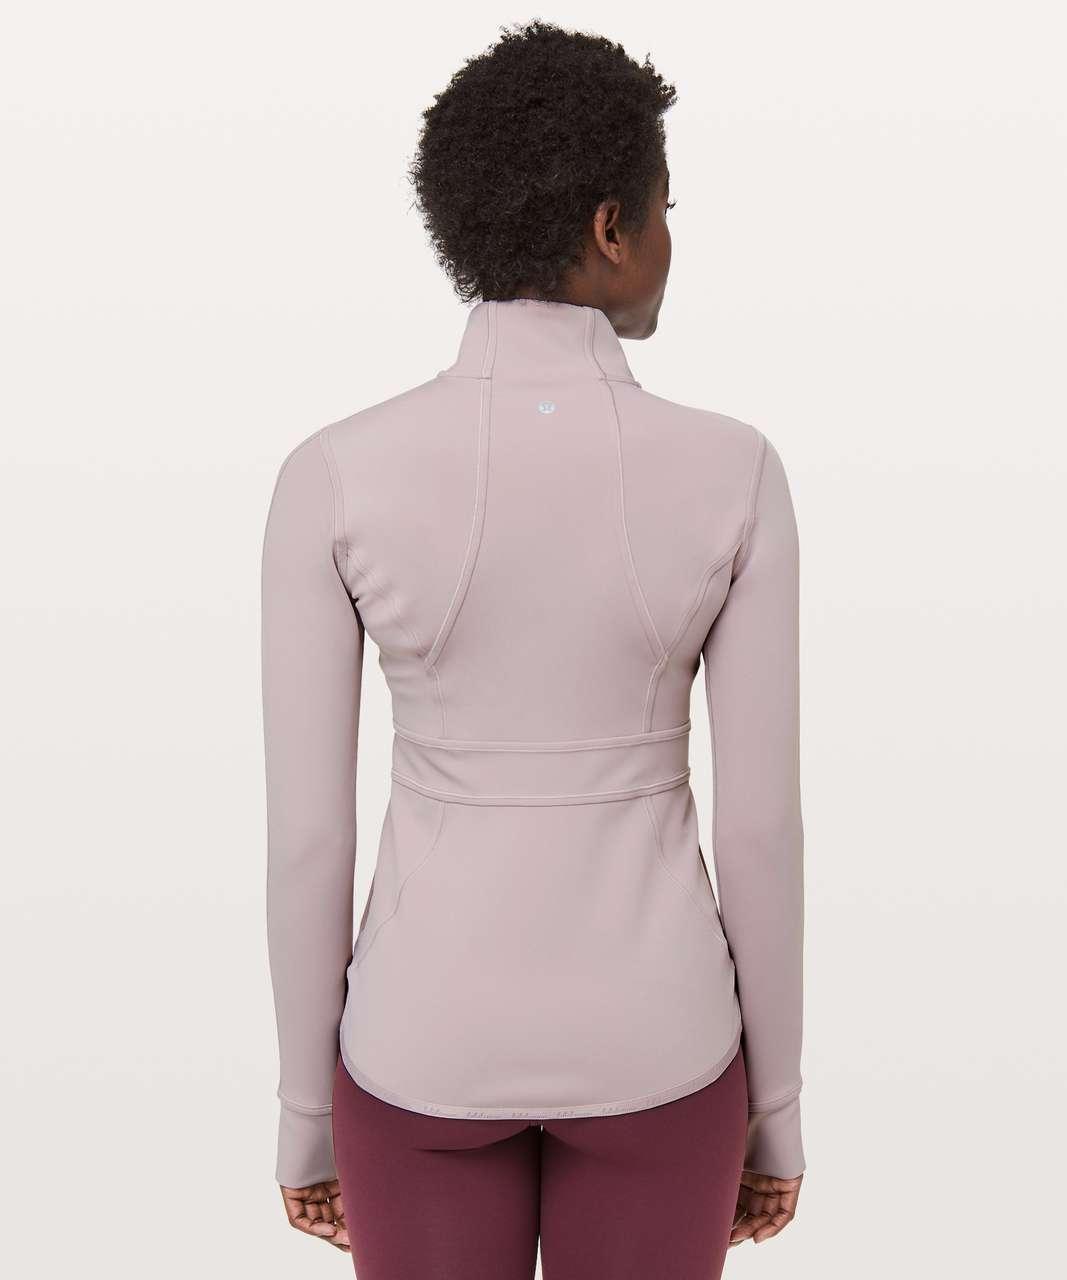 Lululemon In Profile Jacket - Smoky Blush